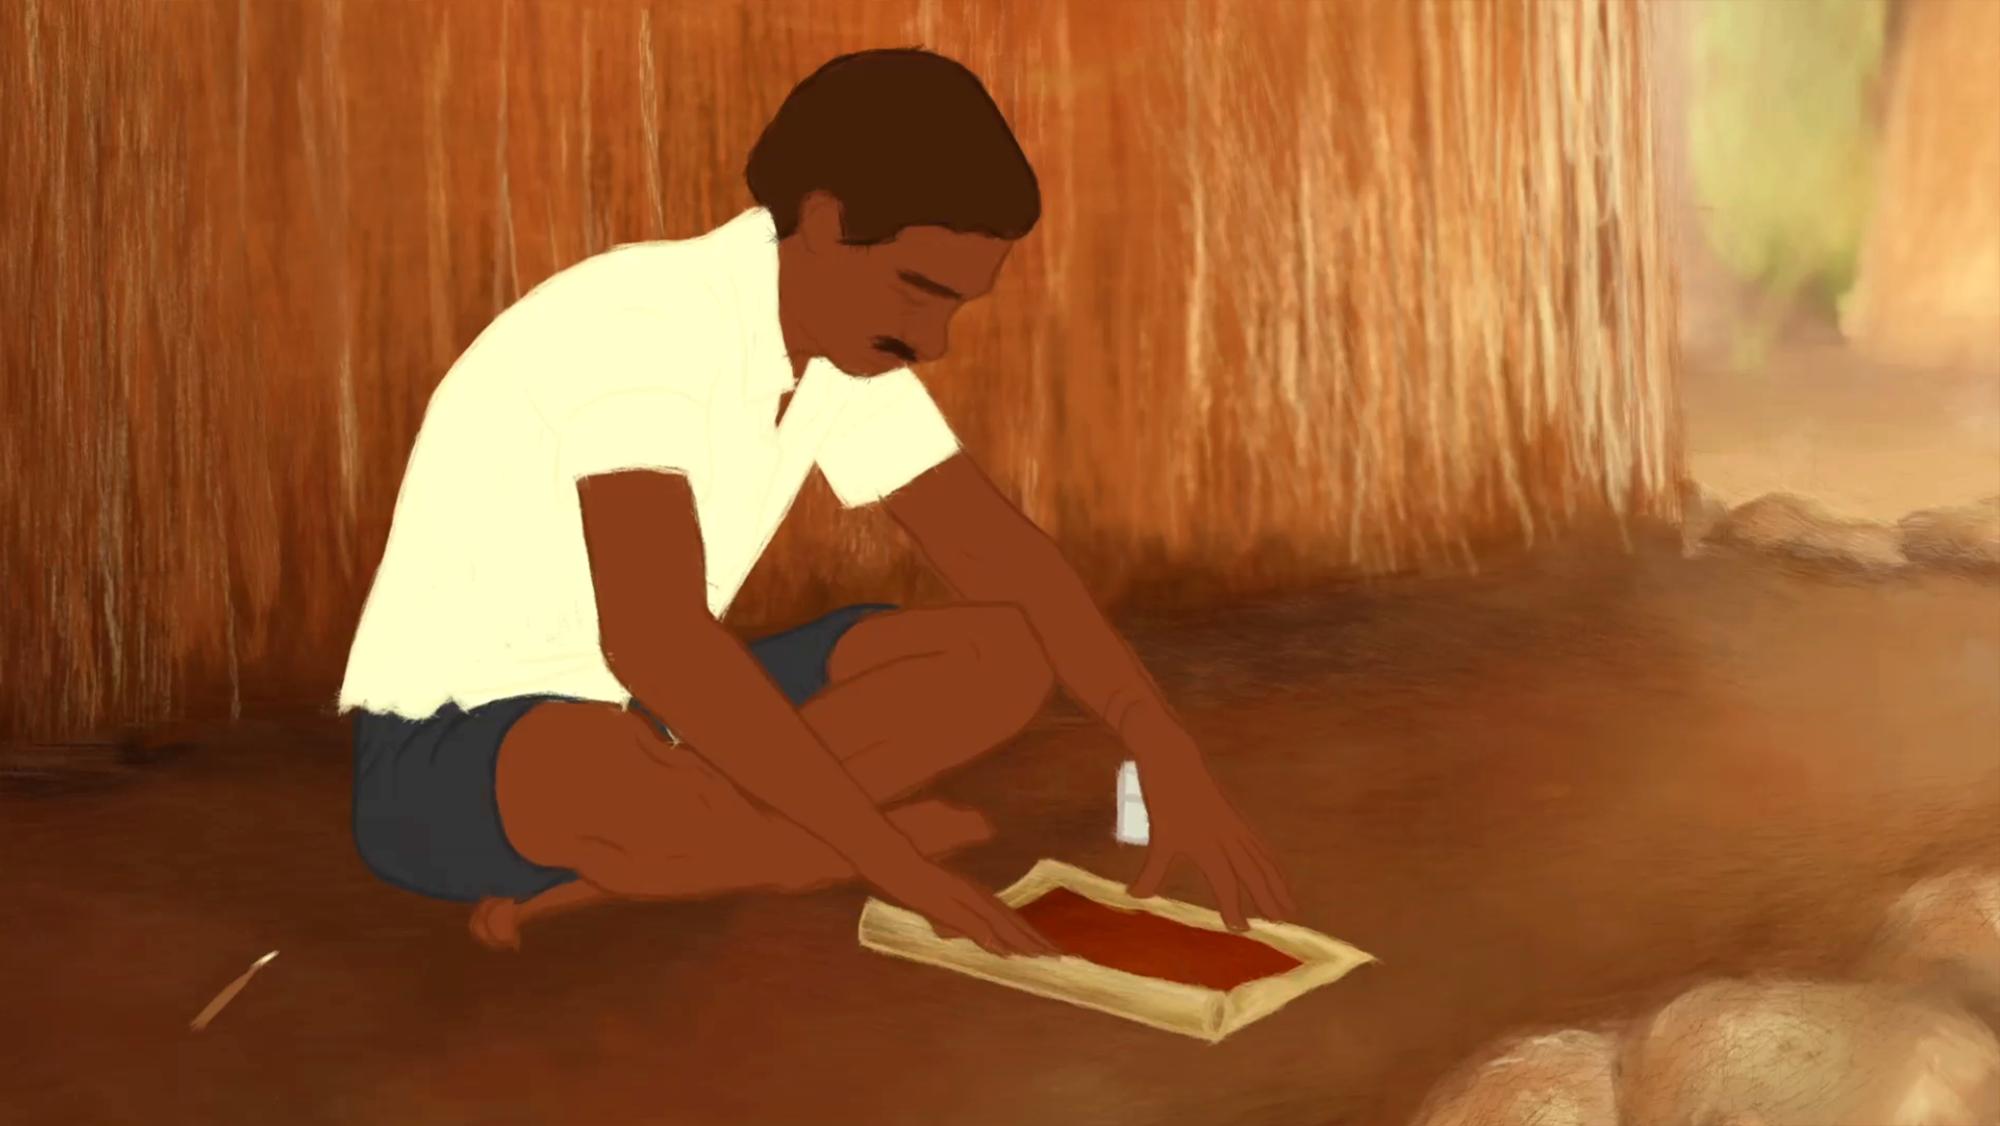 Court métrage Les Warlis, Tribu Adivasi Indienne – Le Conte de l'orgueilleux gendre qui disait ne pas aimer le miel